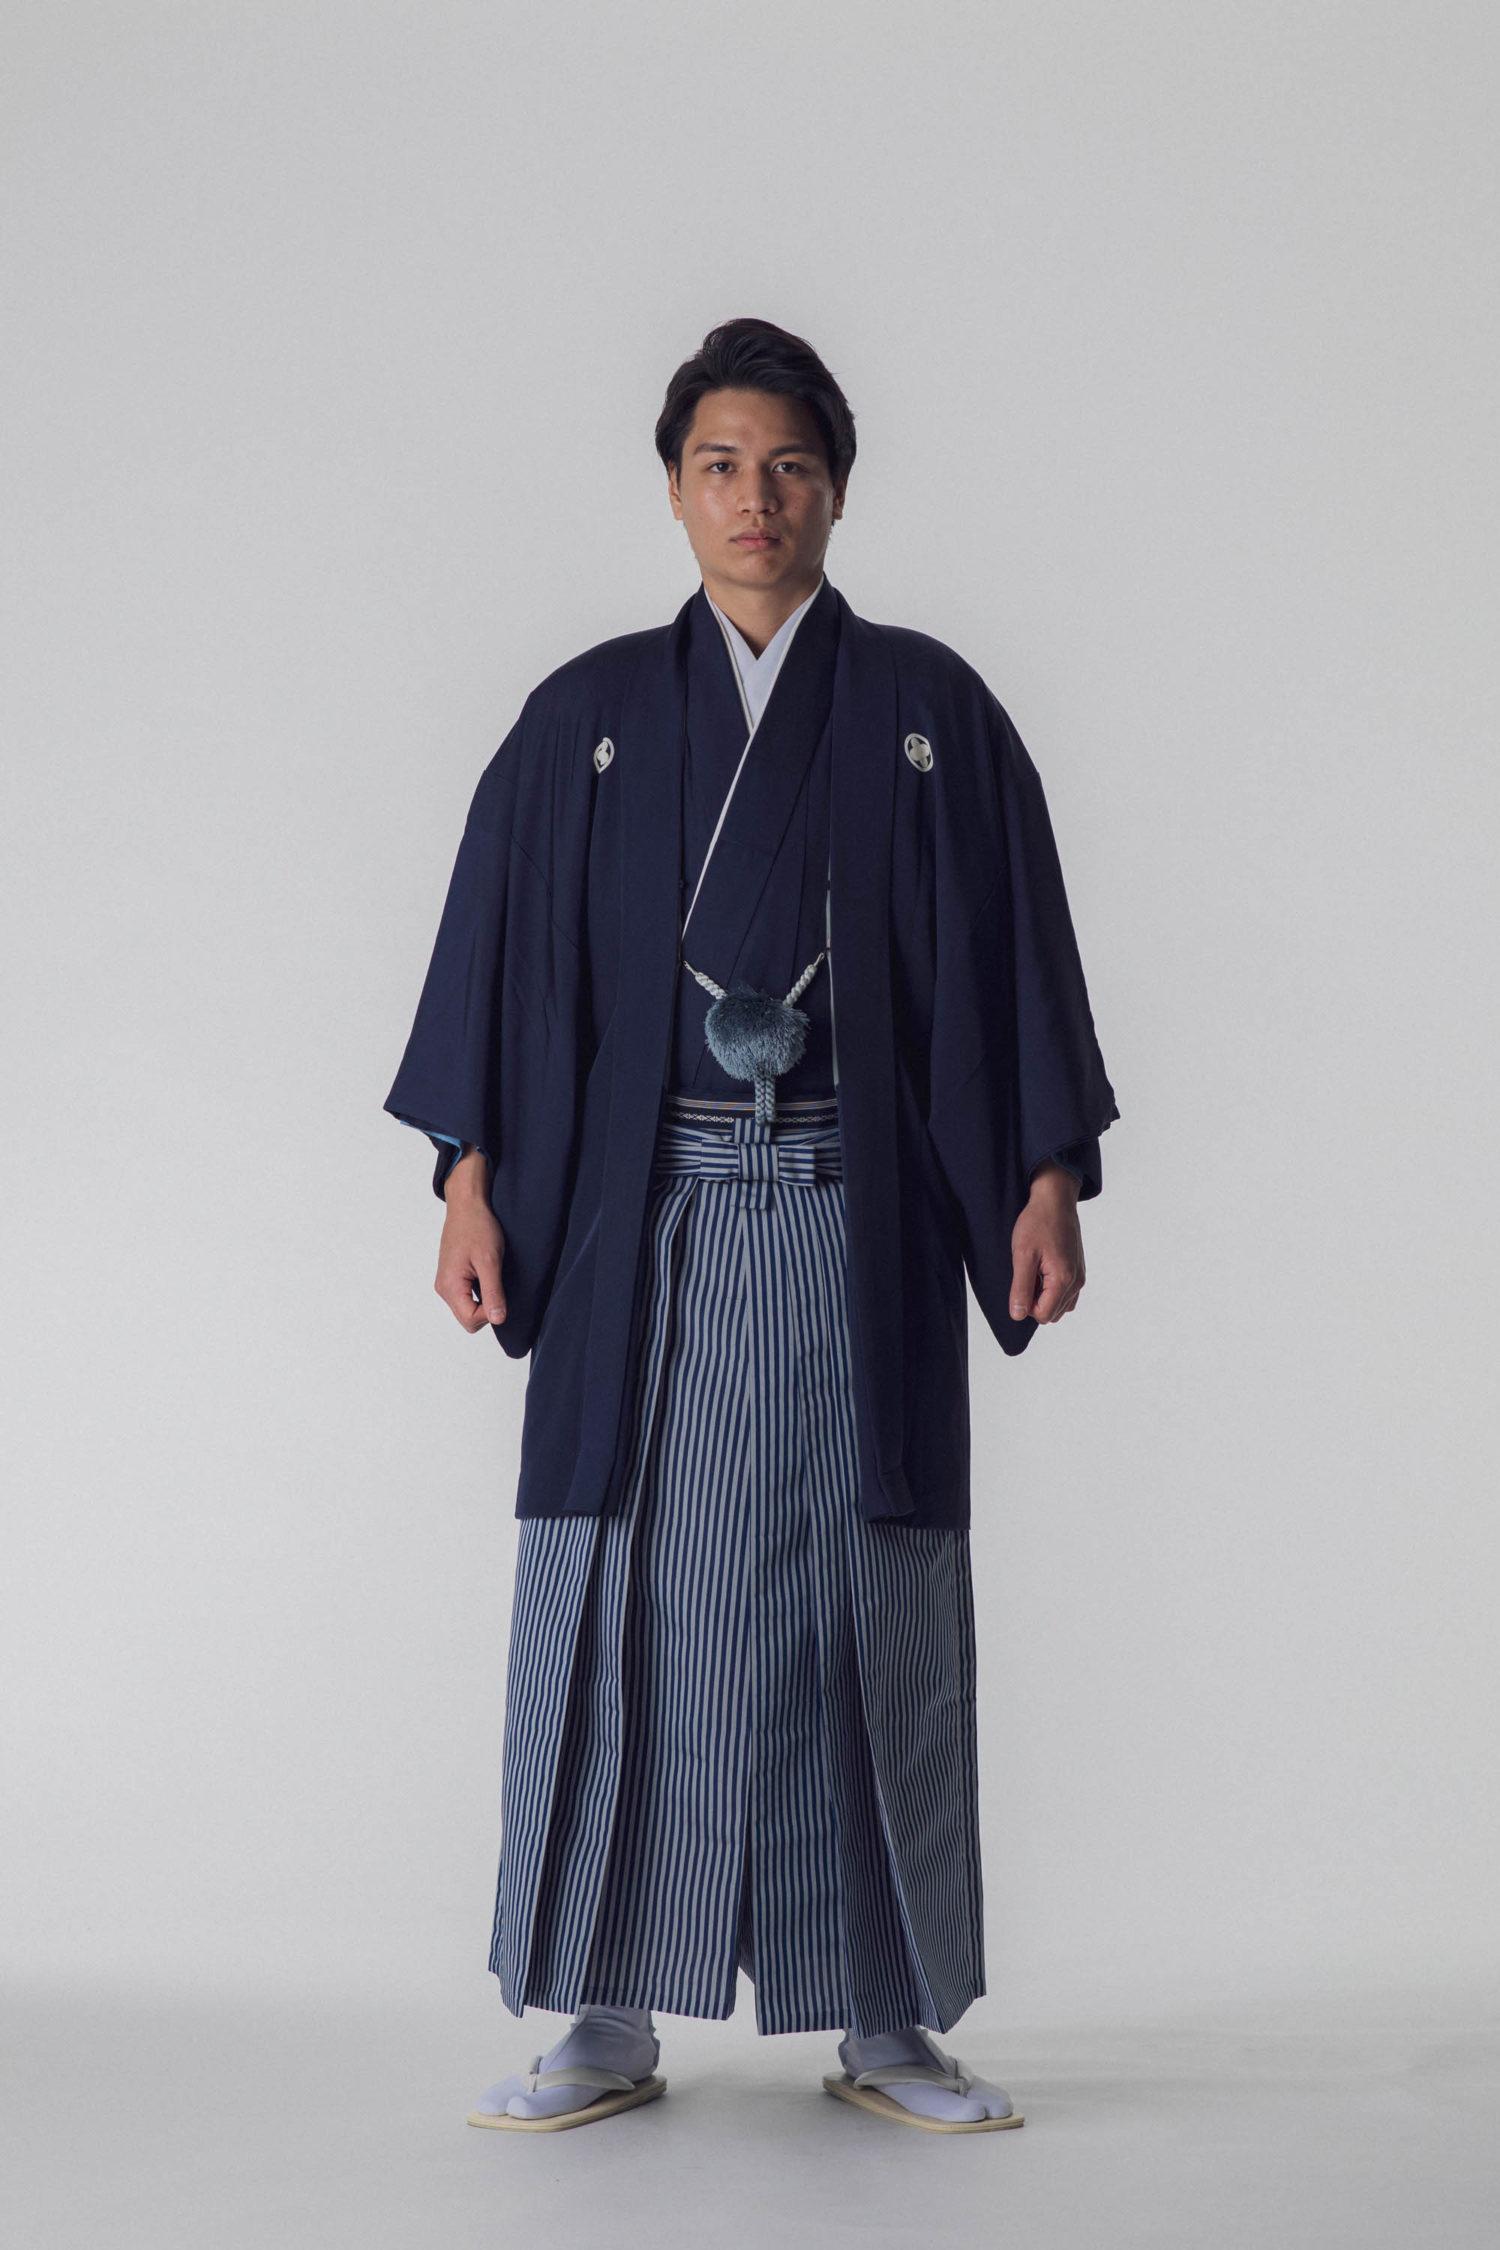 紋付羽織袴 黒